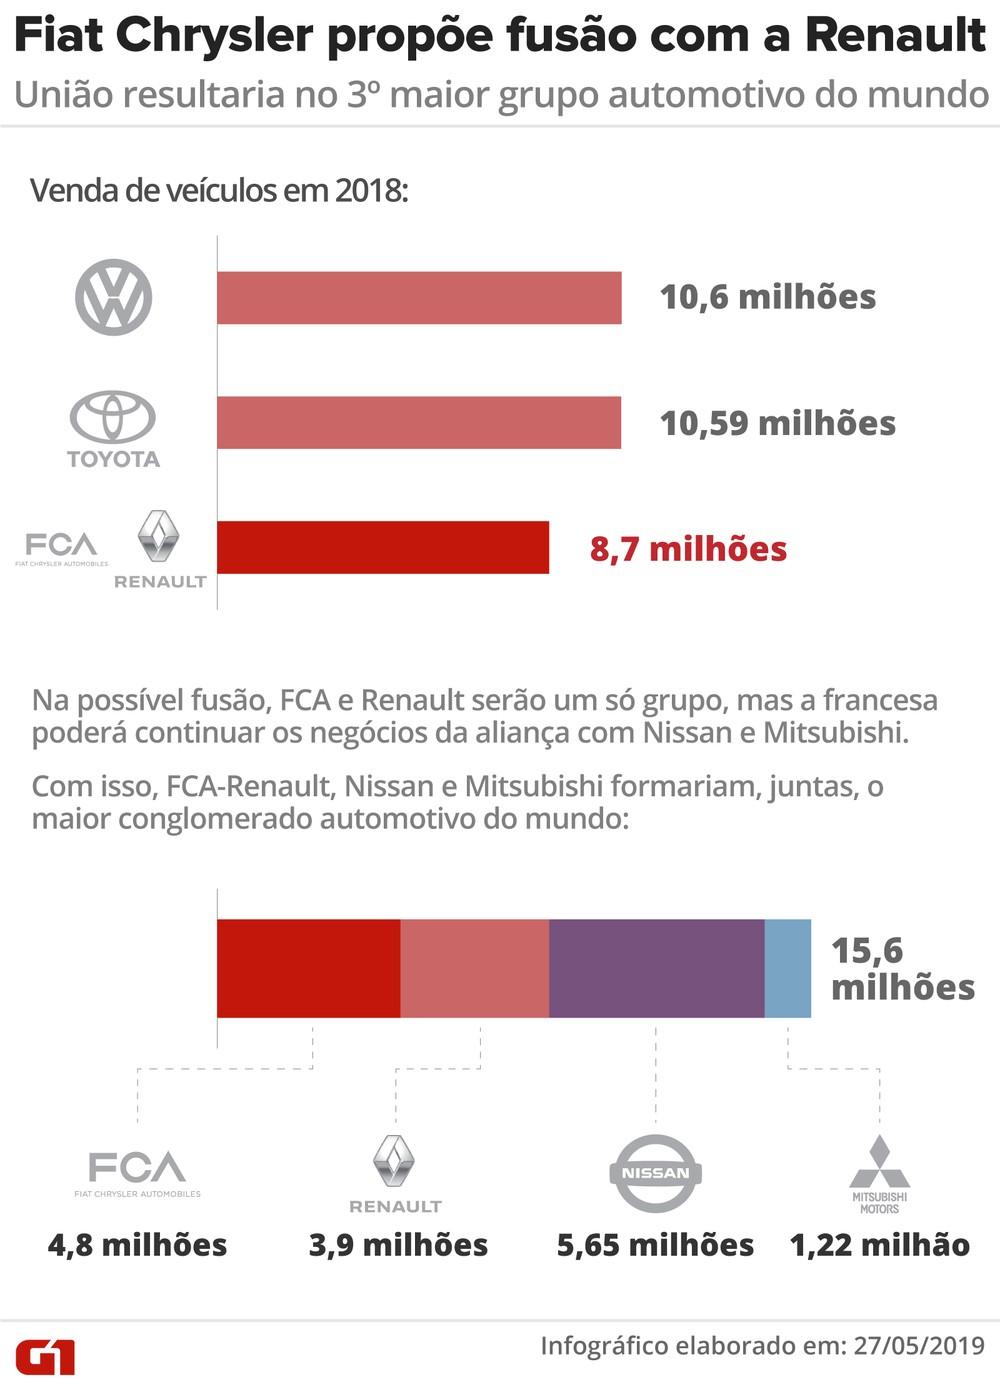 """França considera que fusão entre Fiat Chrysler e Renault continua sendo """"boa oportunidade"""" Fusao-12"""